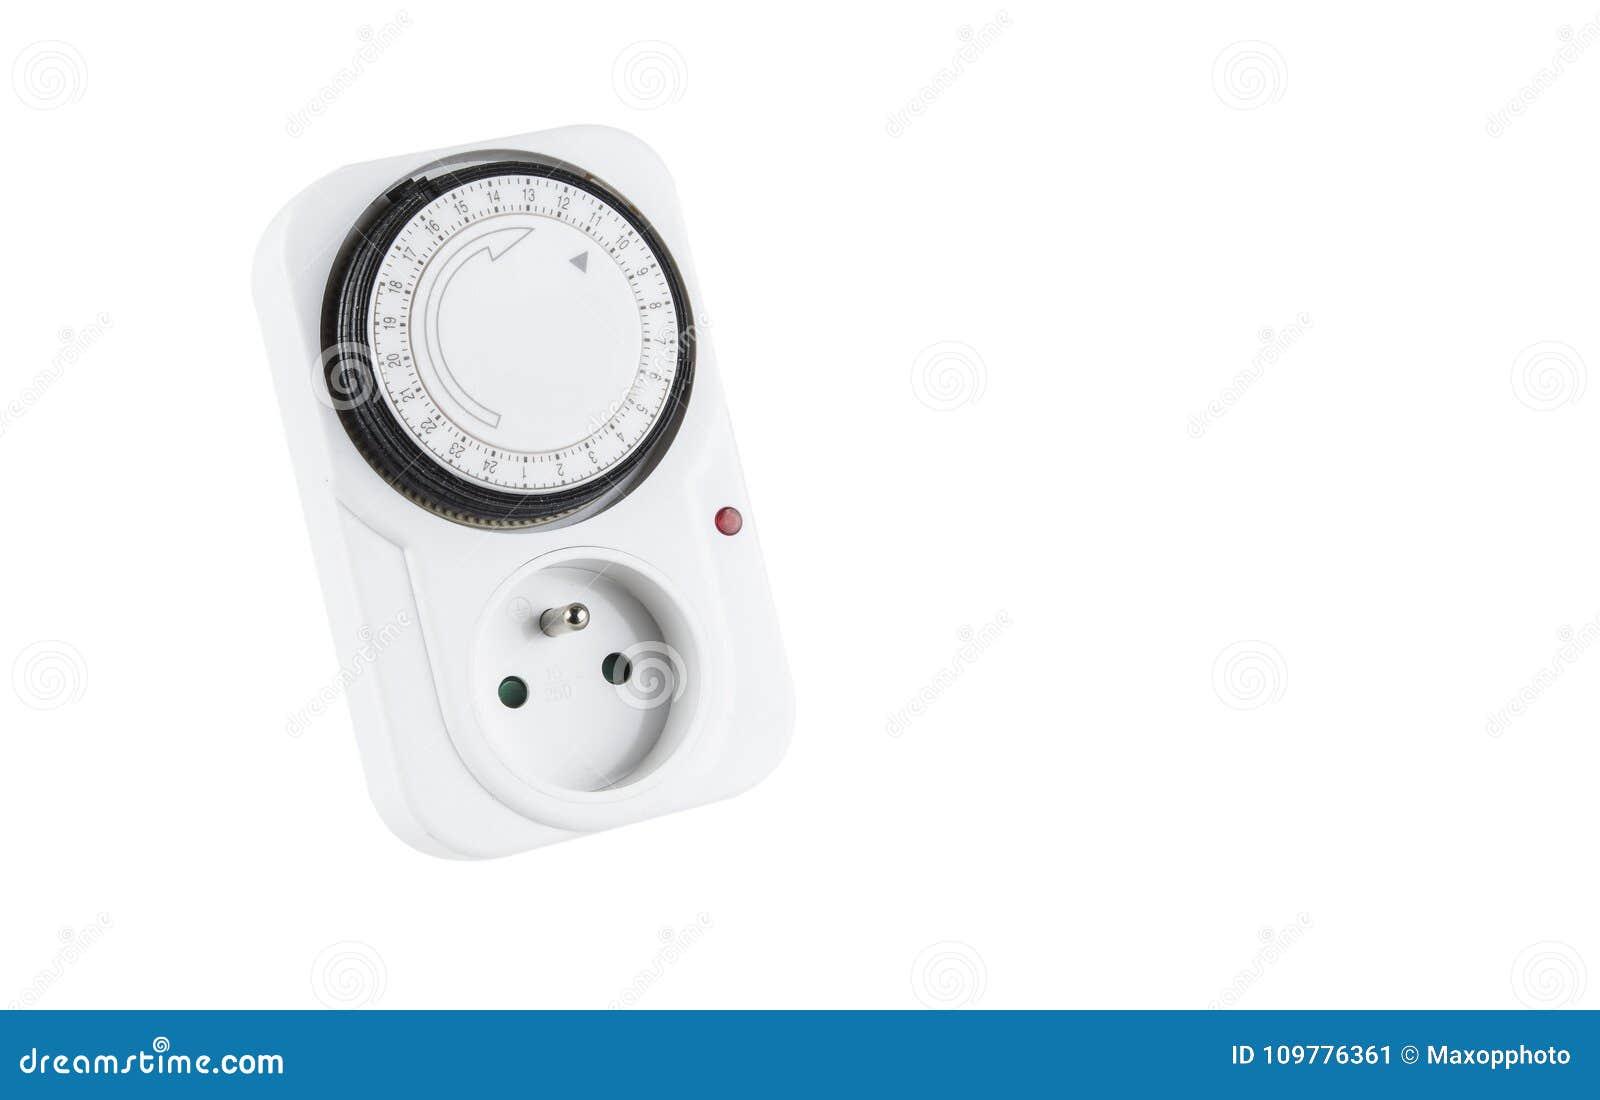 24 canos principais da hora obstruem dentro o soquete do europeu do relógio de ponto do interruptor do temporizador